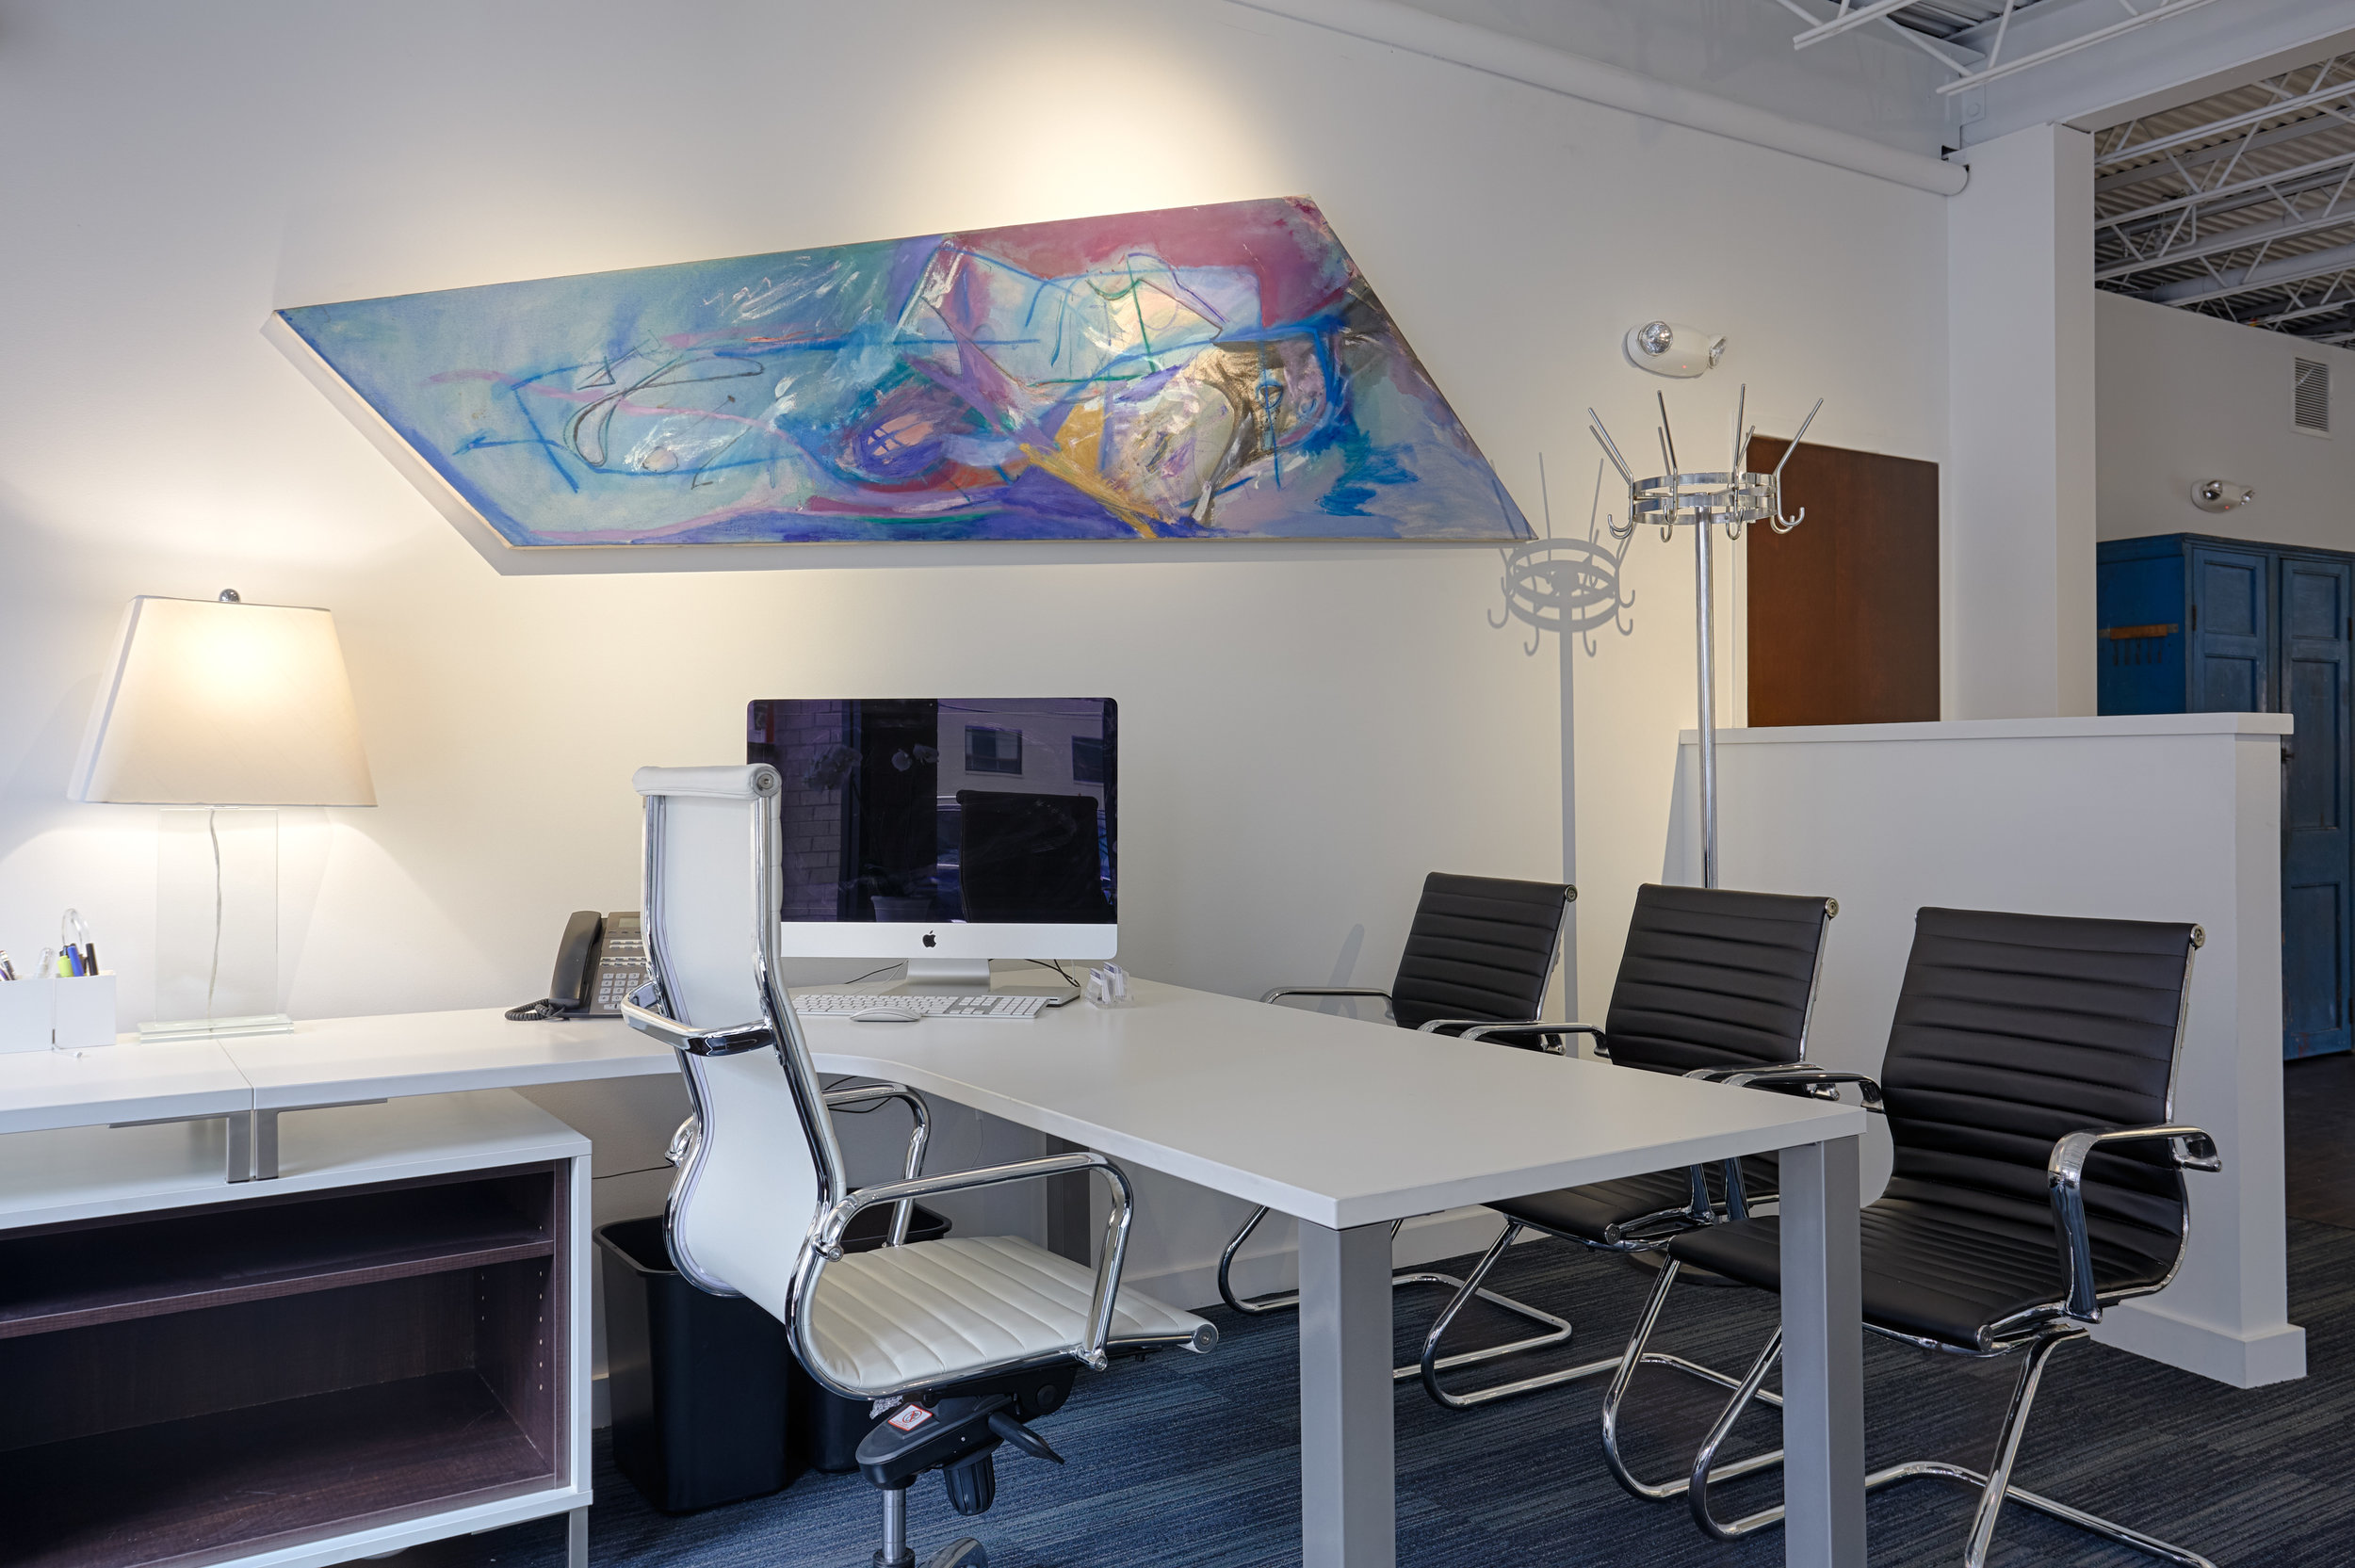 New Office Steve's Desk Headon.jpg